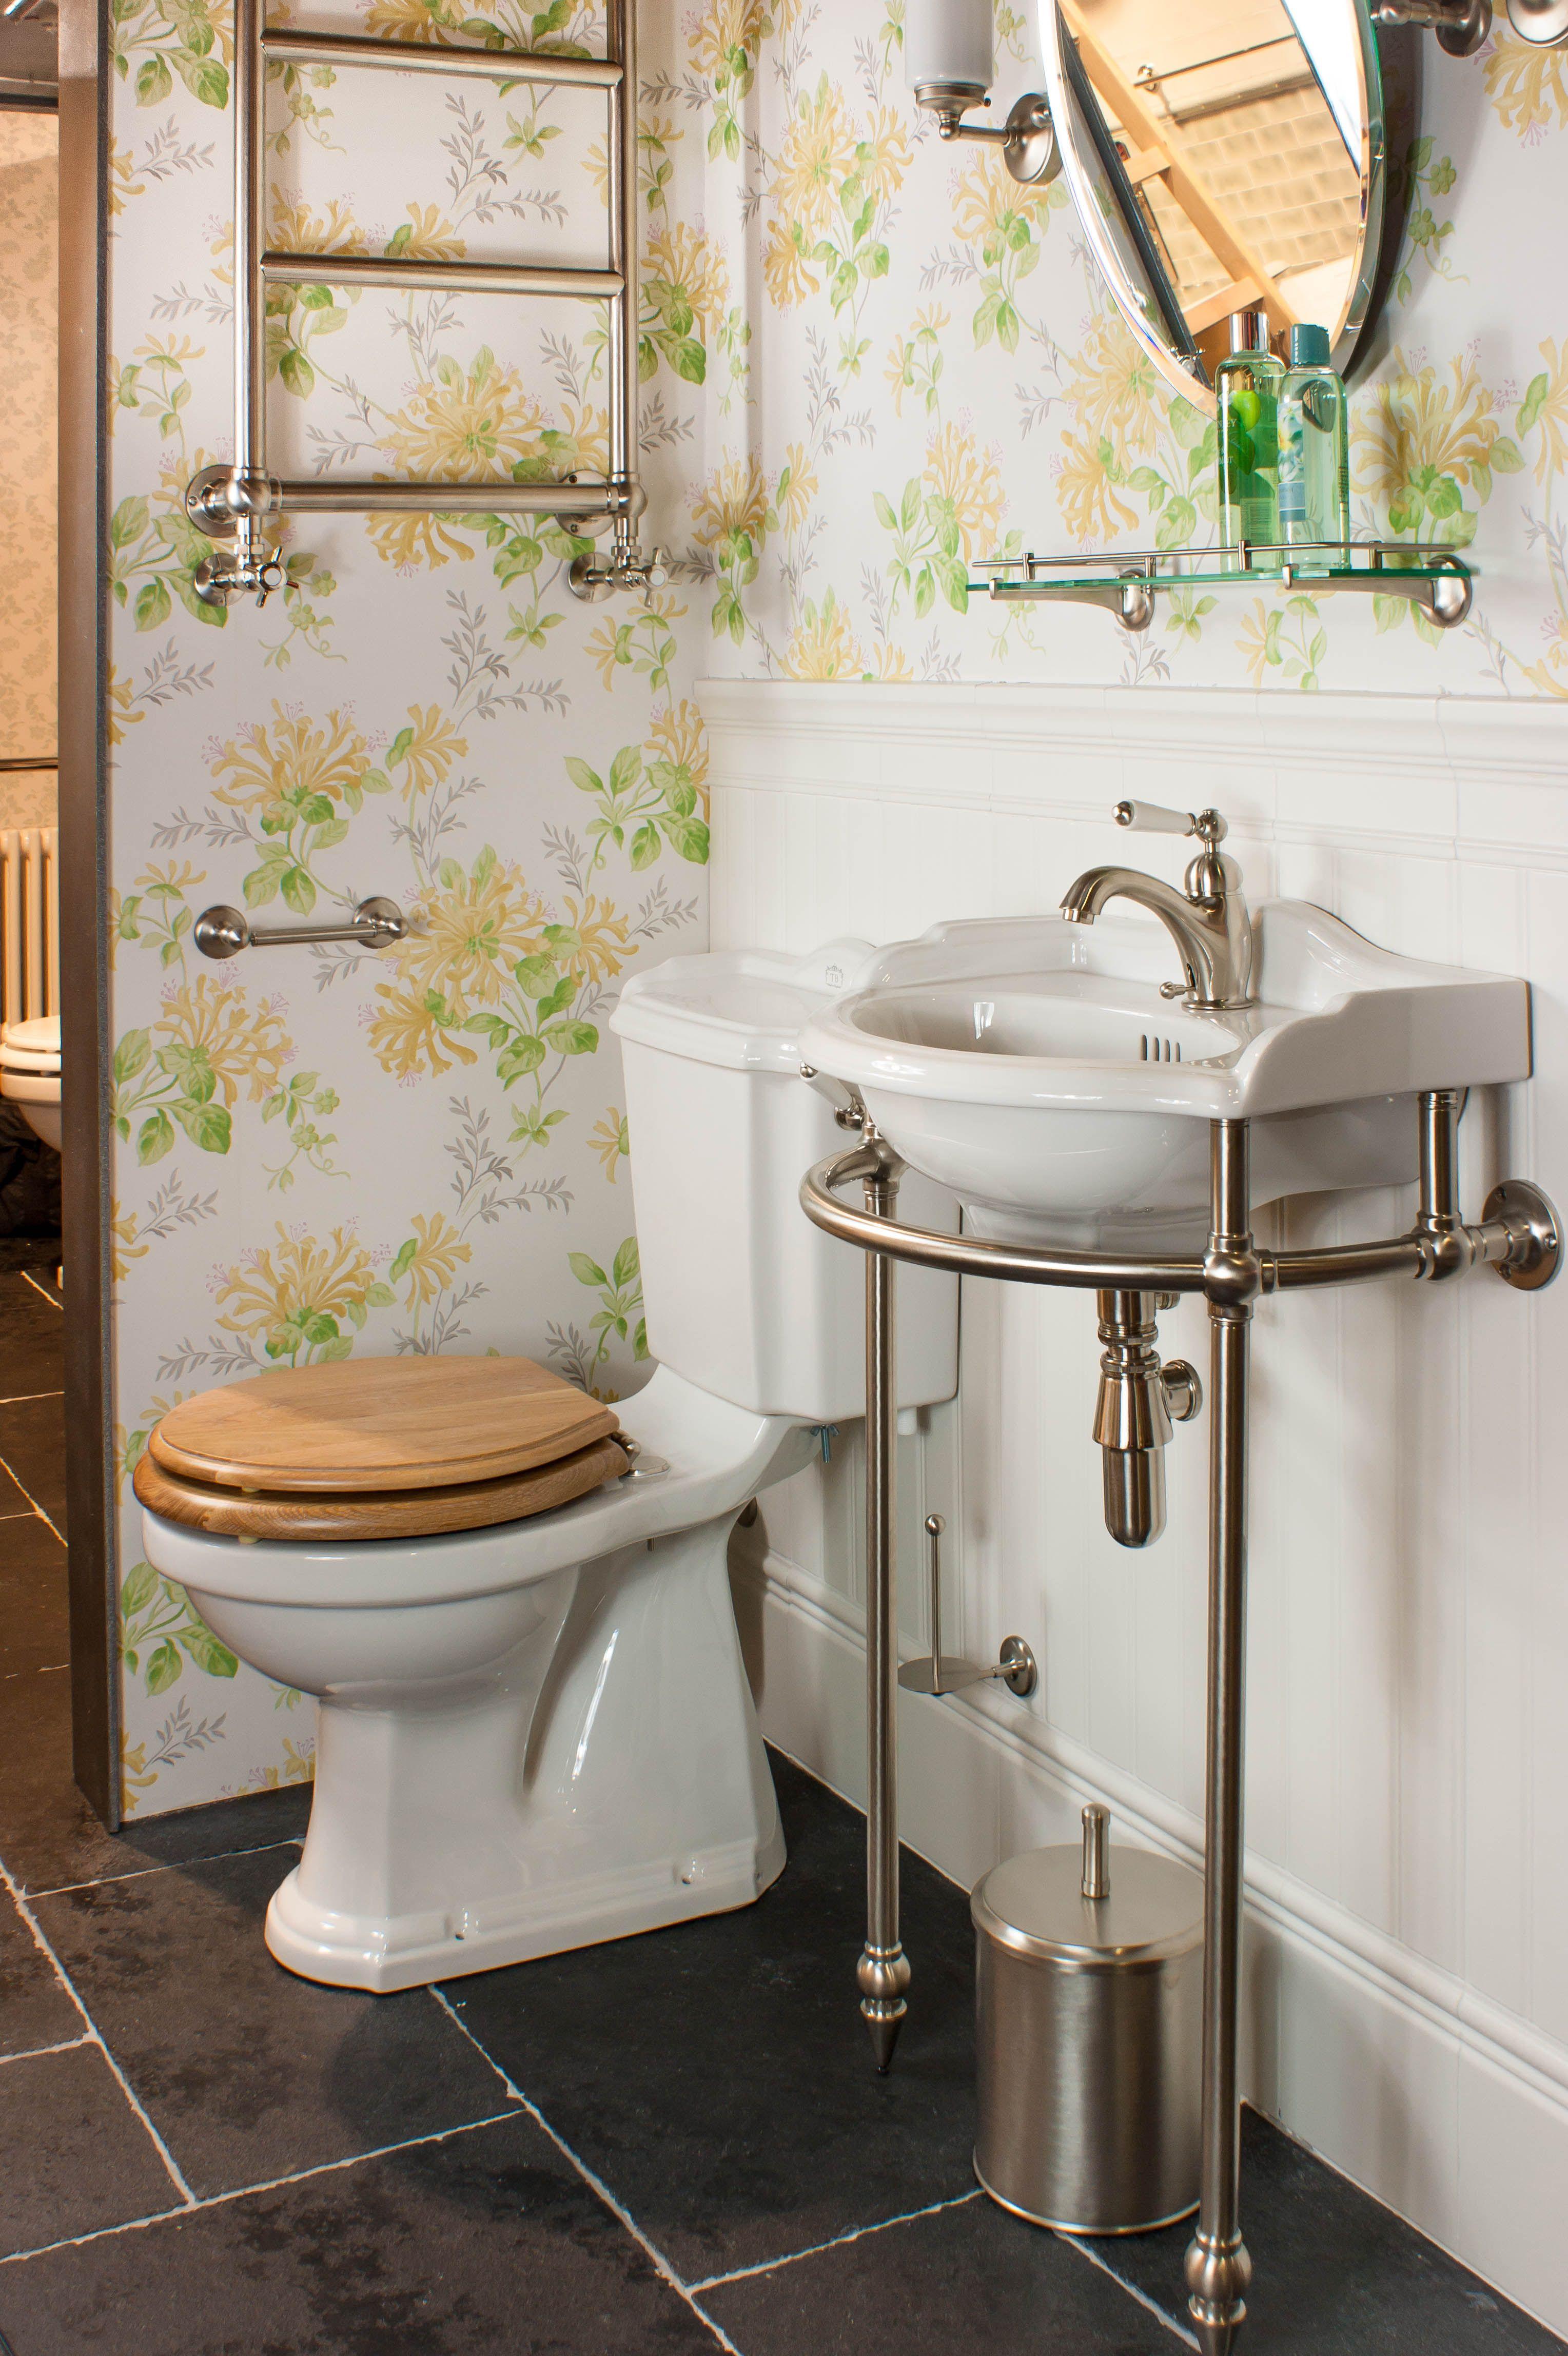 Nostalgie Gaste Wc Schone Badezimmer Badezimmer Traditionelle Bader